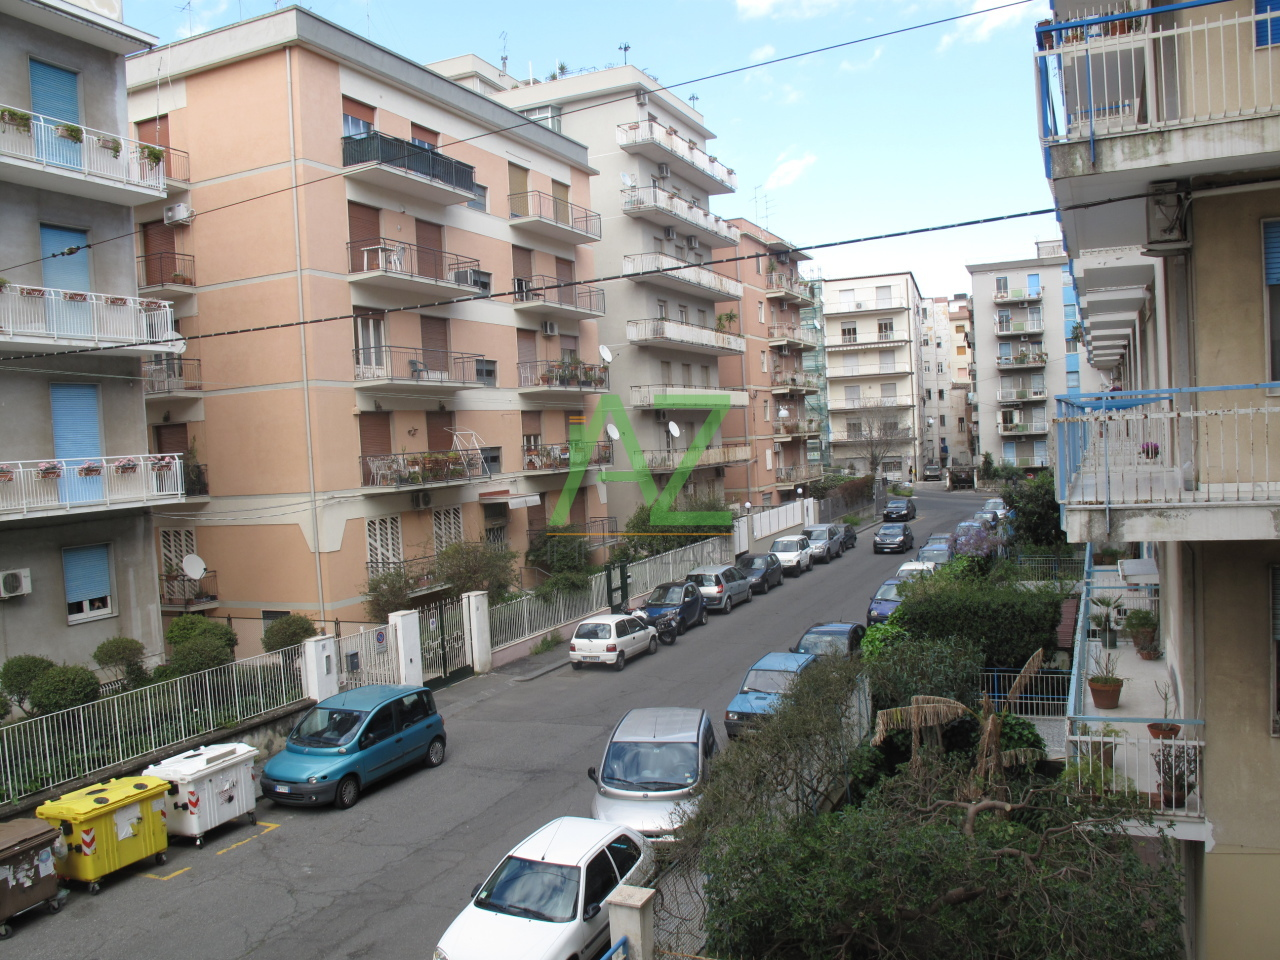 Appartamento in vendita a Catania, 3 locali, prezzo € 160.000 | Cambio Casa.it